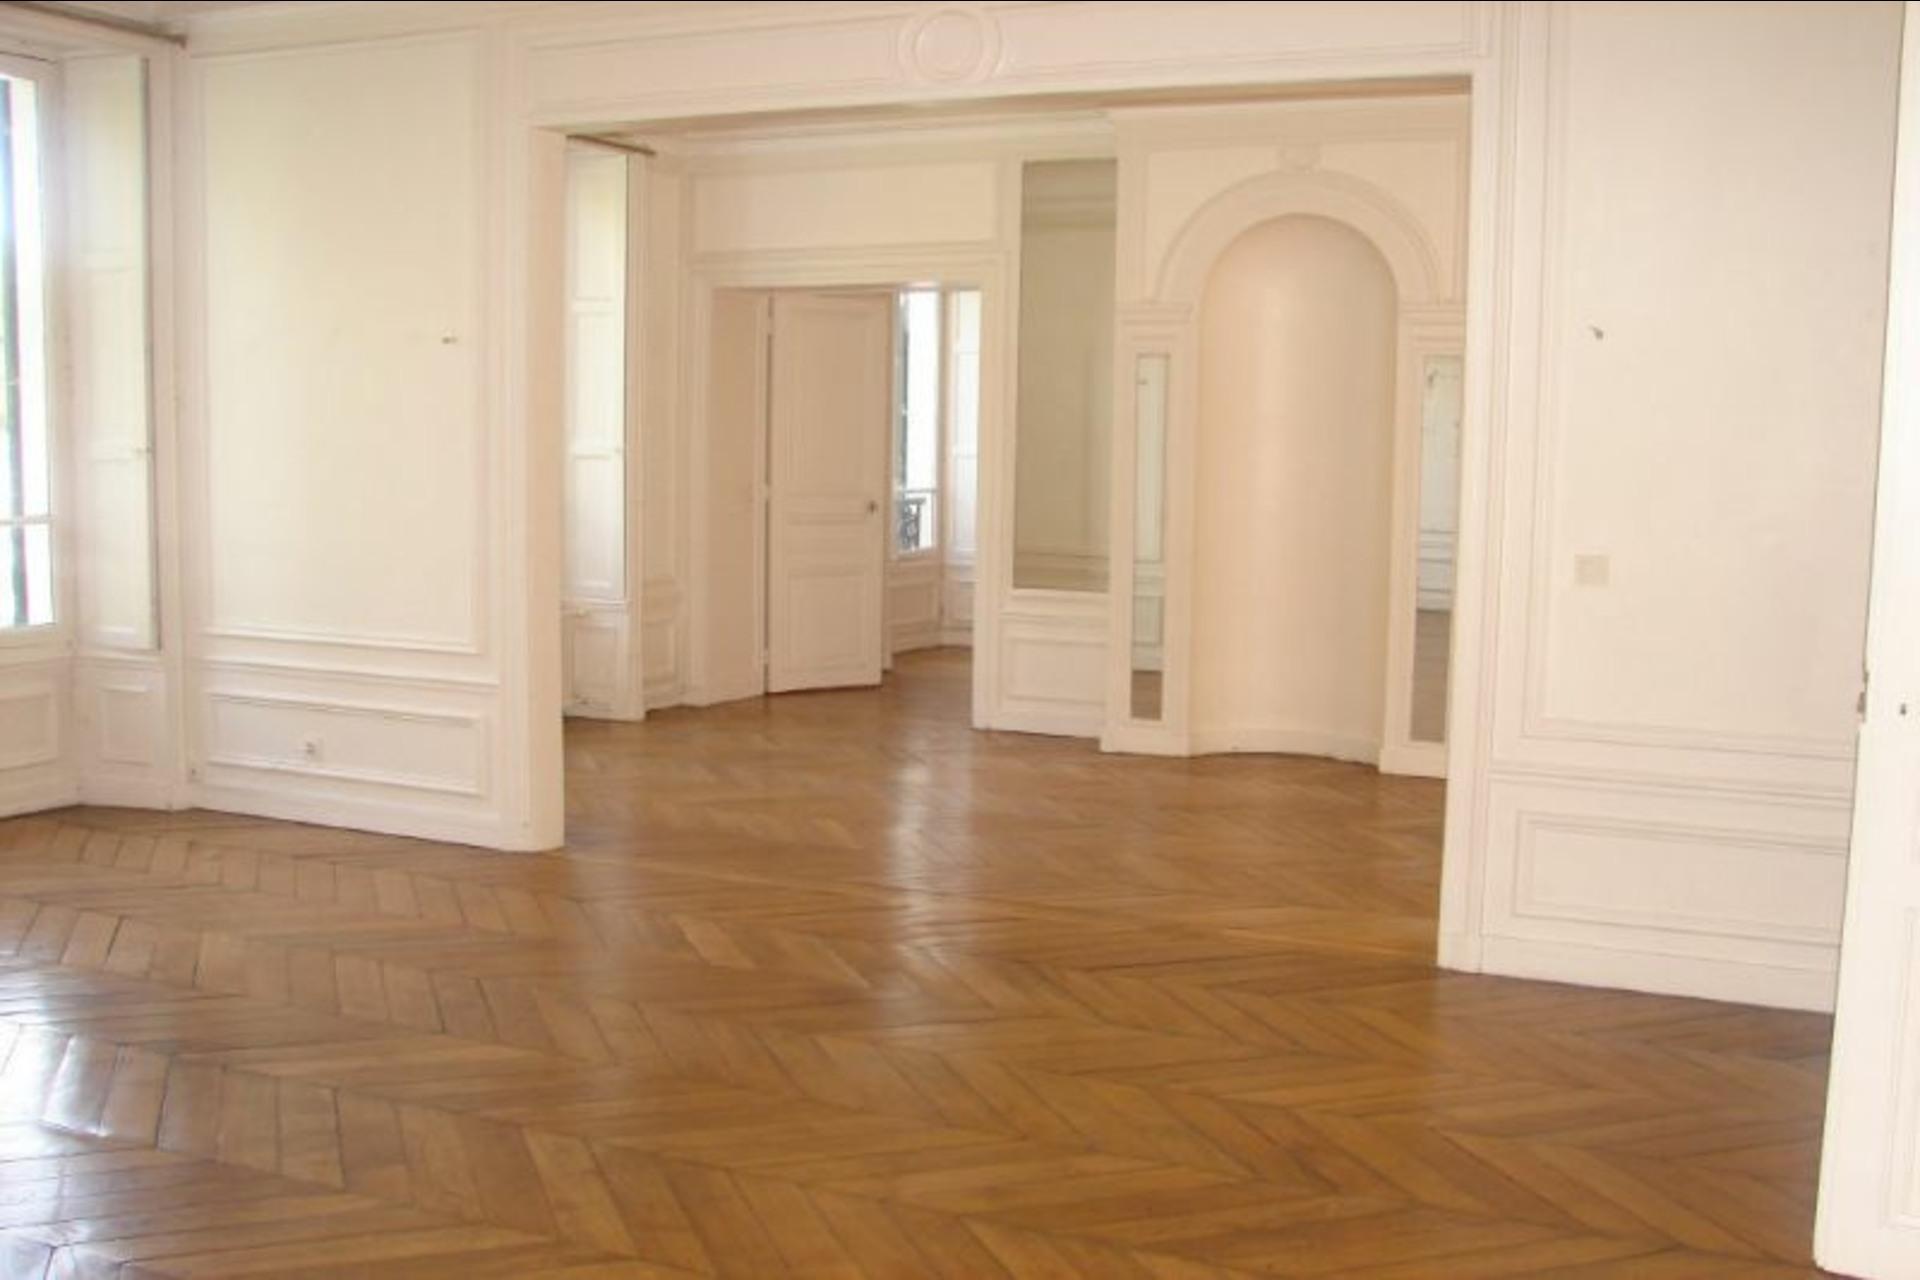 image 8 - Appartement À louer saint germain en laye - 6 pièces